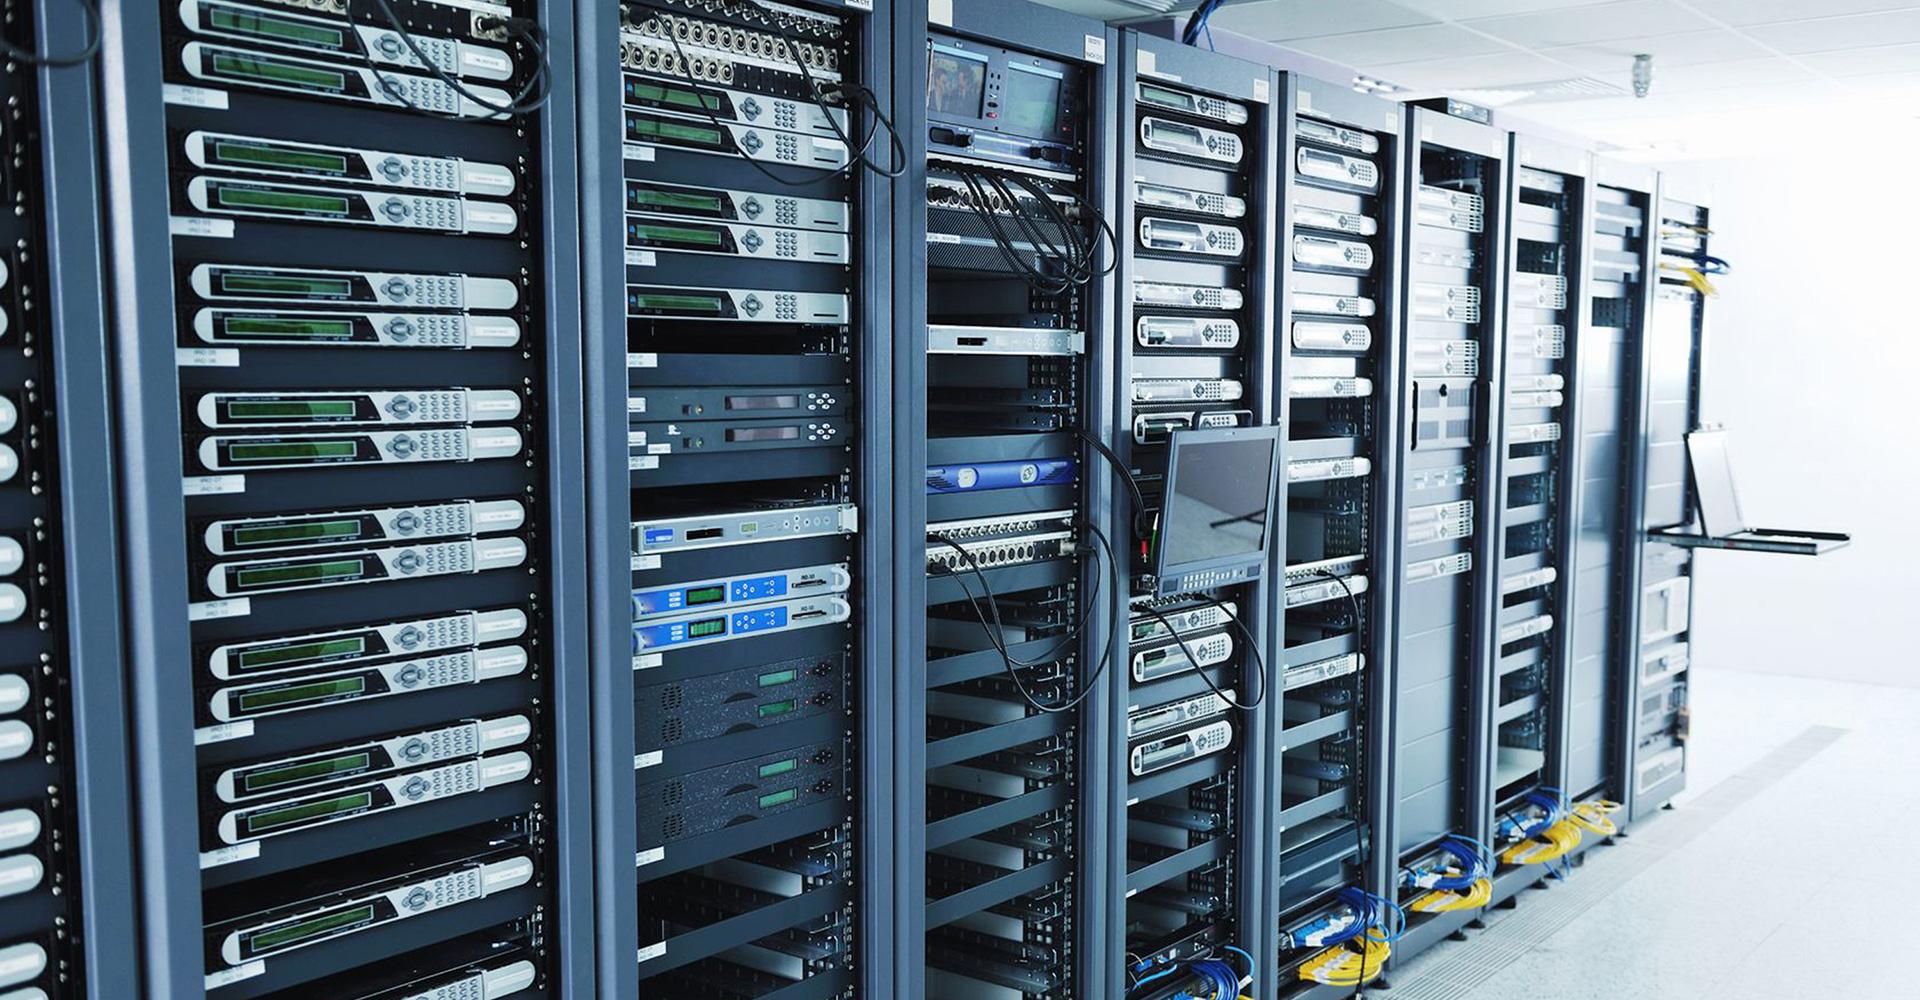 Пример интеллектуального управления питанием группы серверов при помощи NetPing